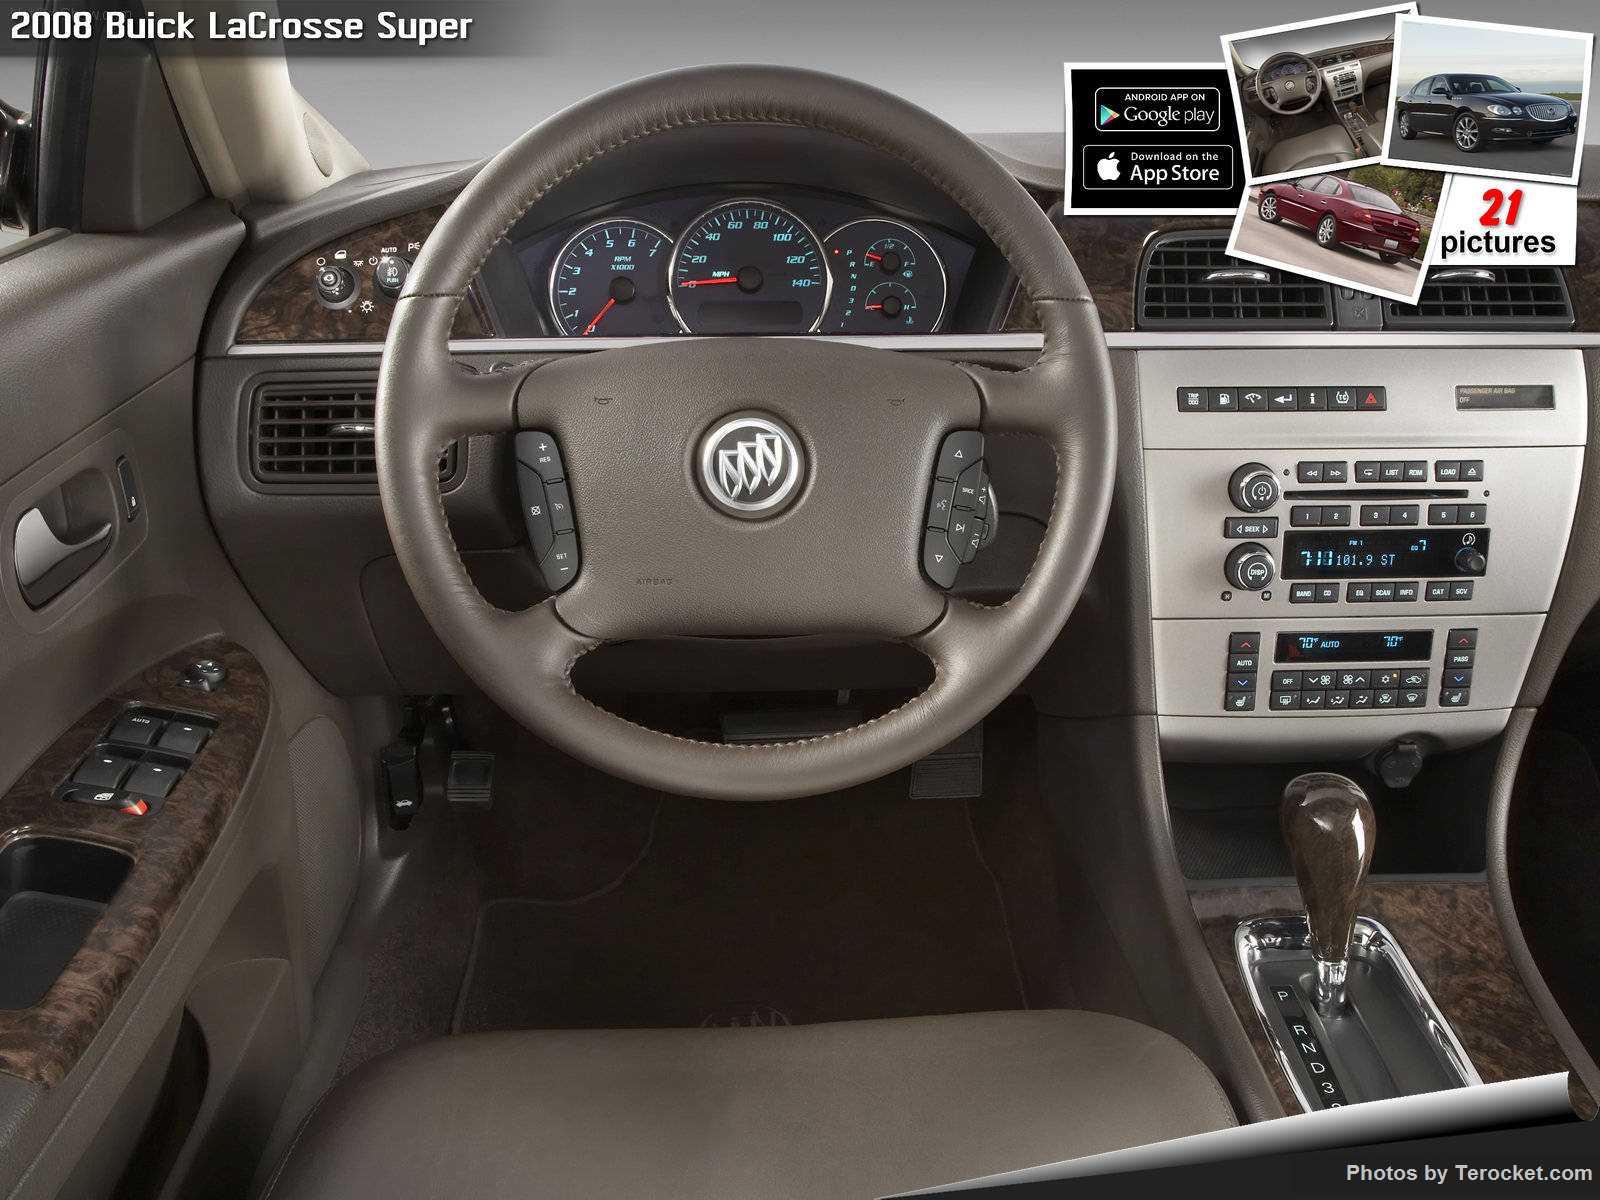 Hình ảnh xe ô tô Buick LaCrosse Super 2008 & nội ngoại thất